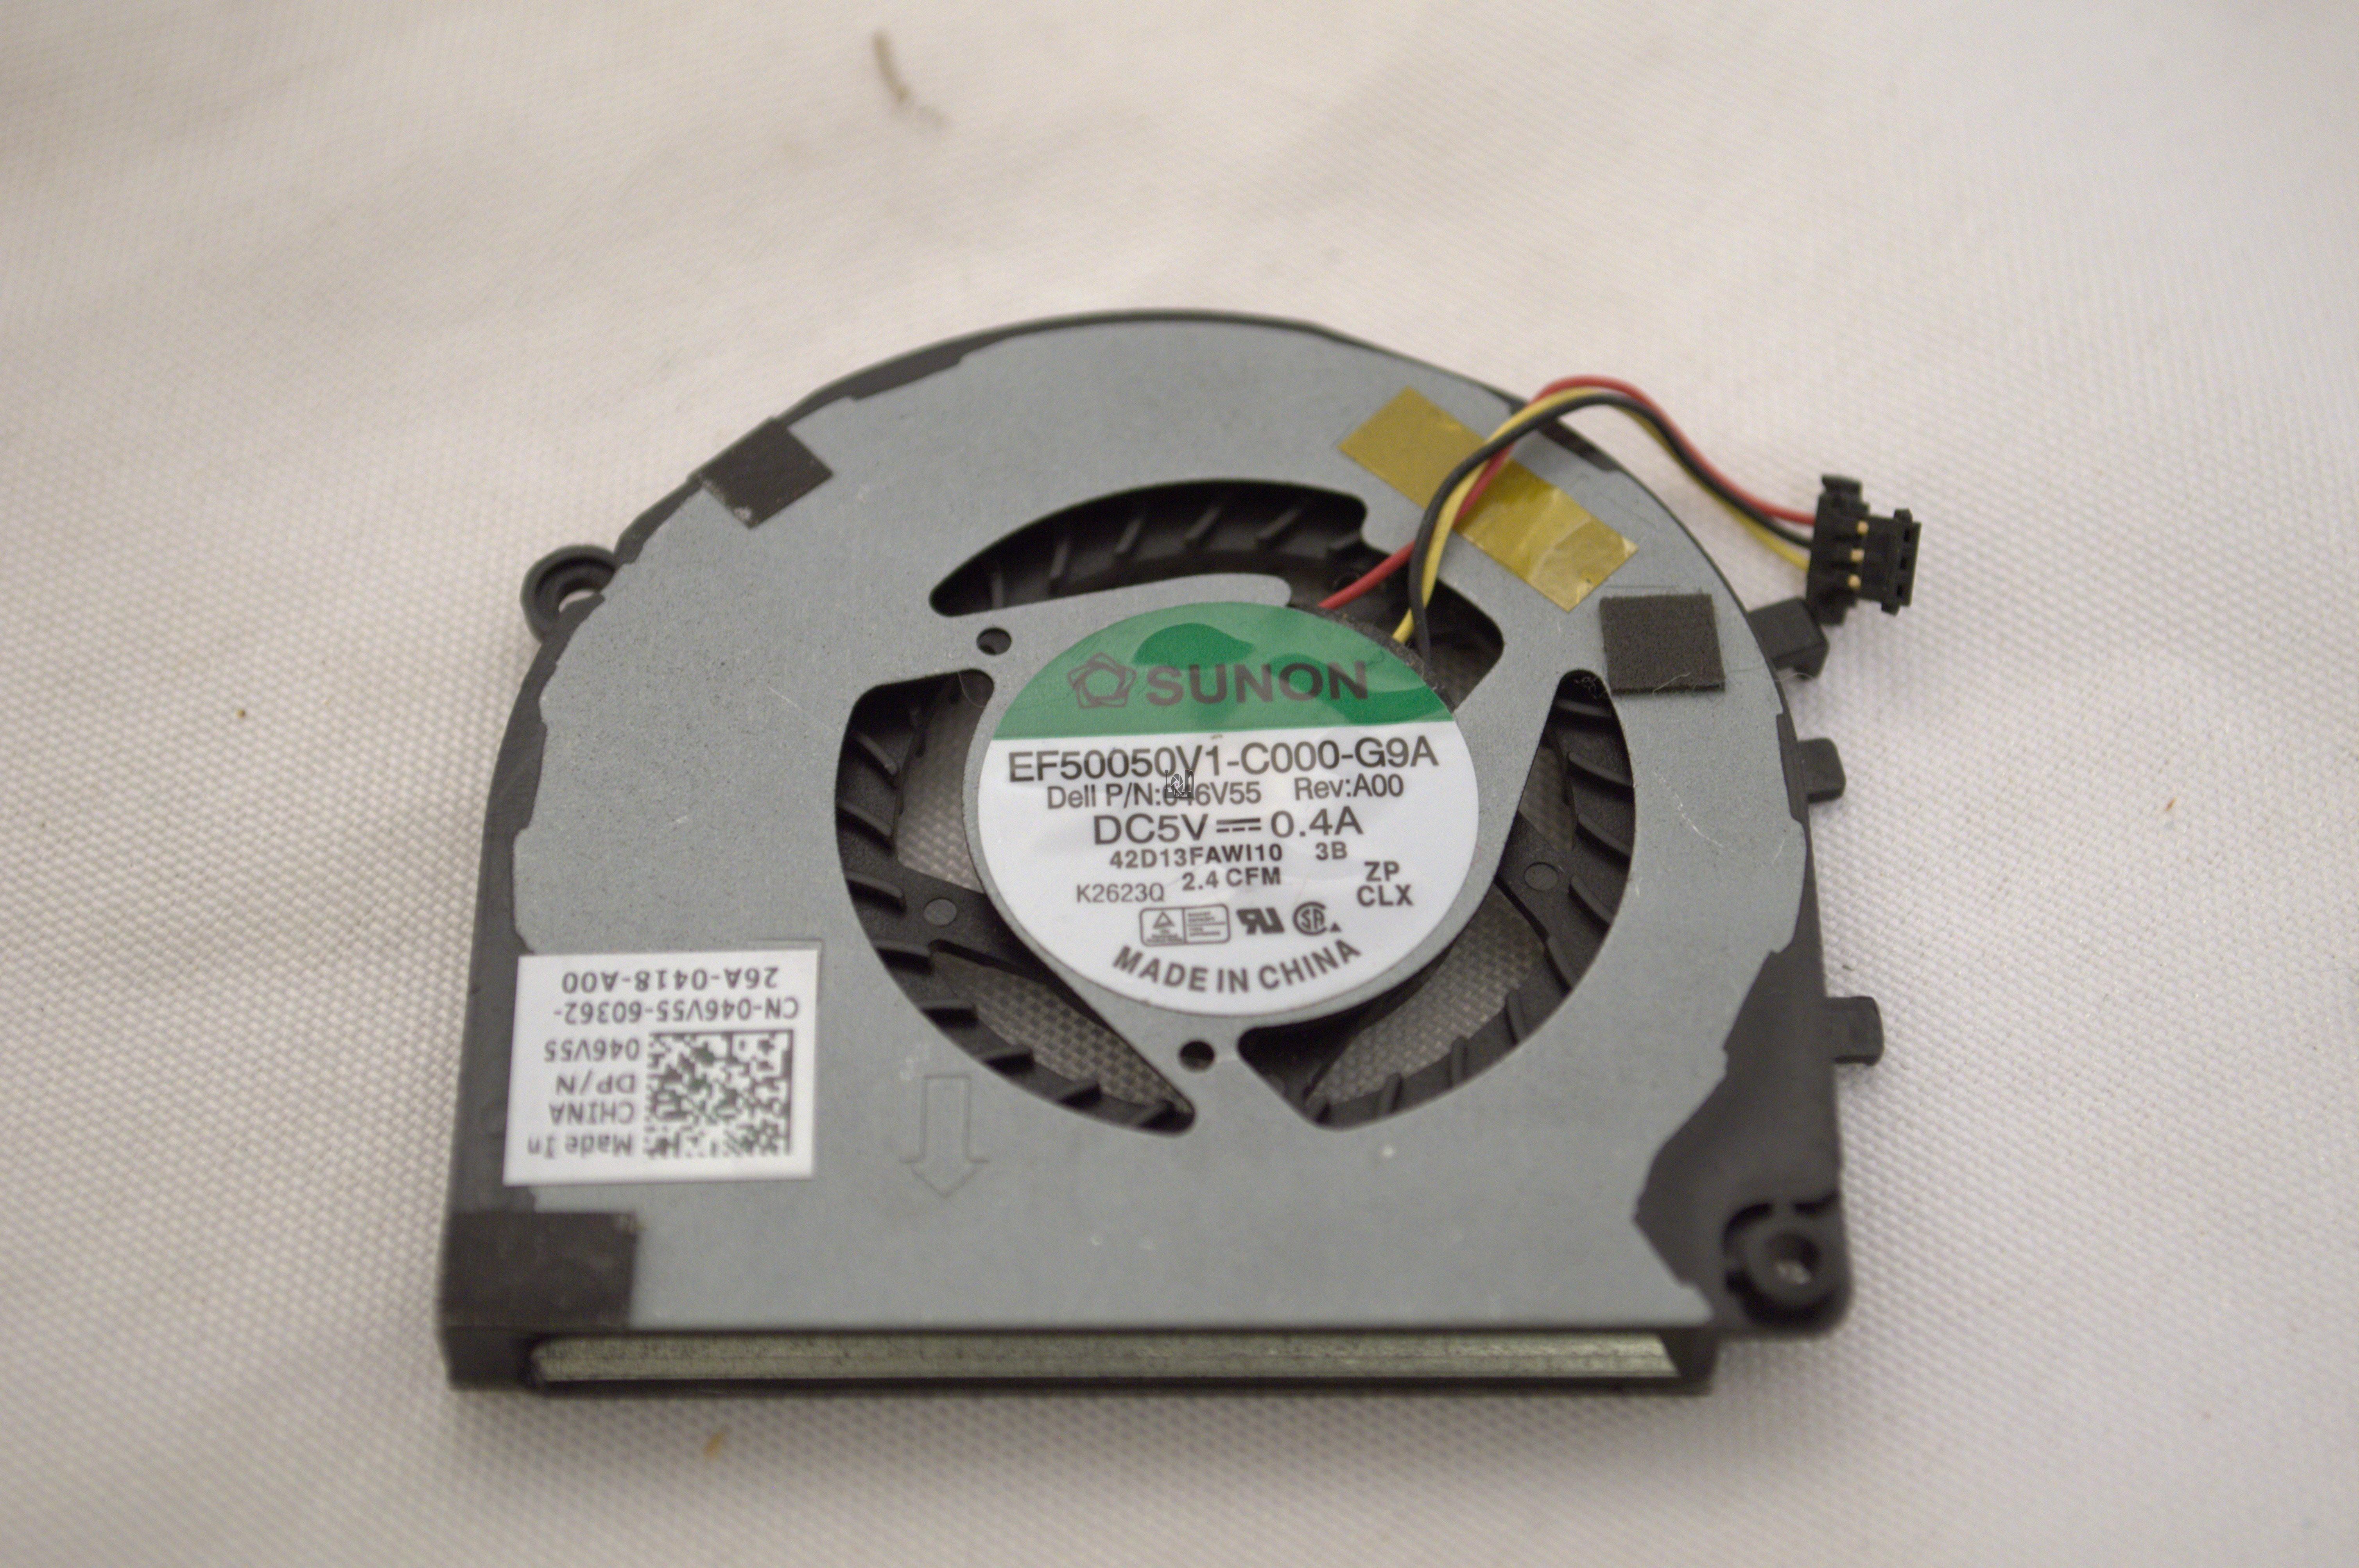 EF50050V1-C000-G9A Dell XPS CPU Case Cooling Fan Dell Part Number 046V55